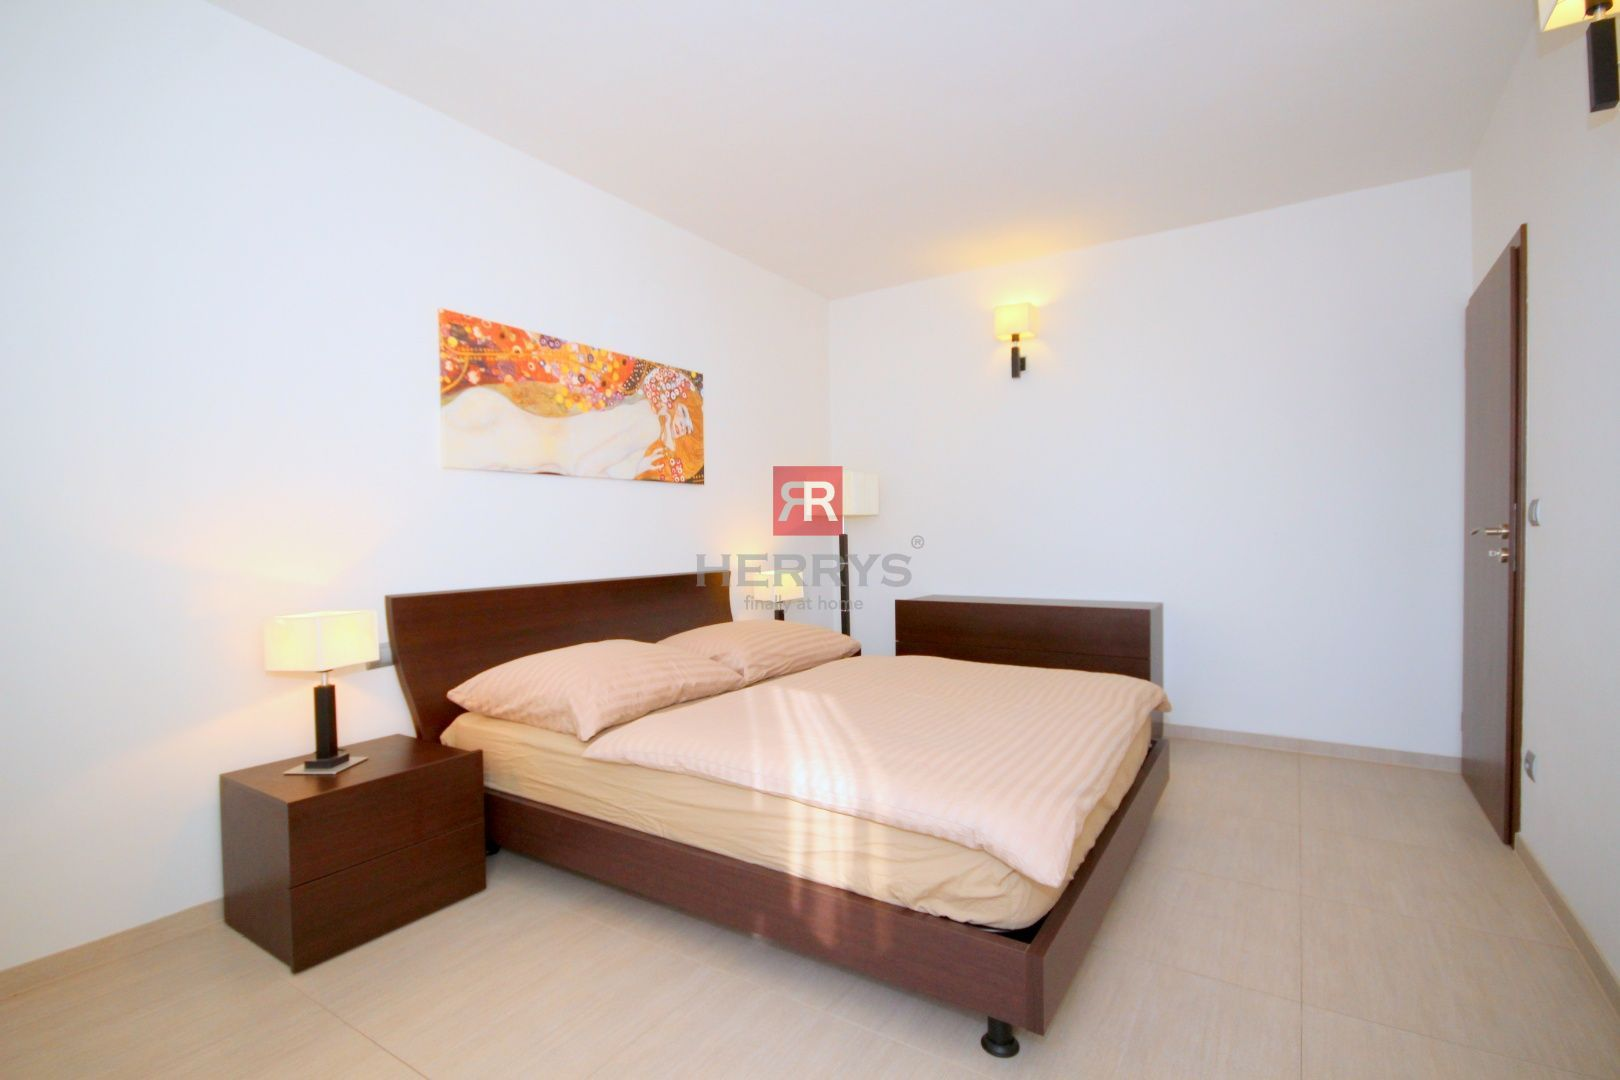 HERRYS - Na prenájom nadštandardný 3 izbový byt s parkingom na Kramároch